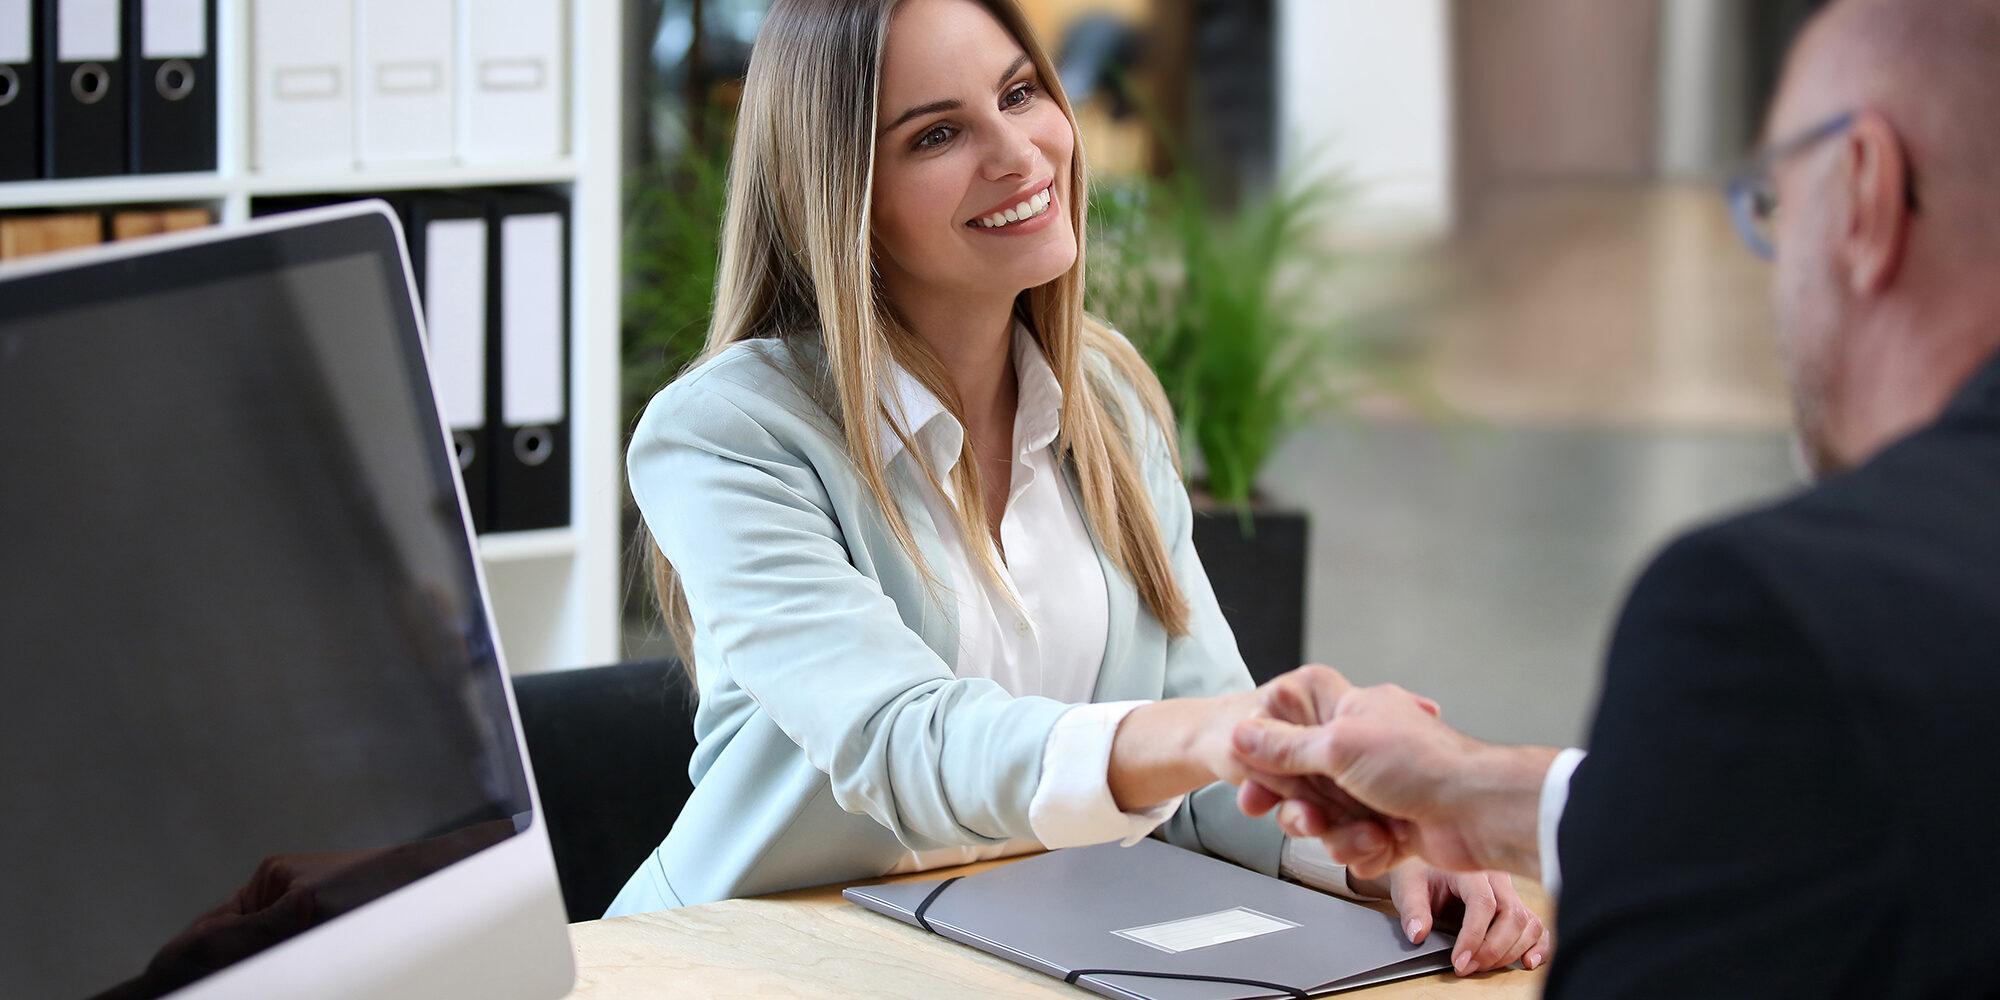 Finanze-Werving-Selectie-opdrachtgevers-aanvraagformulier